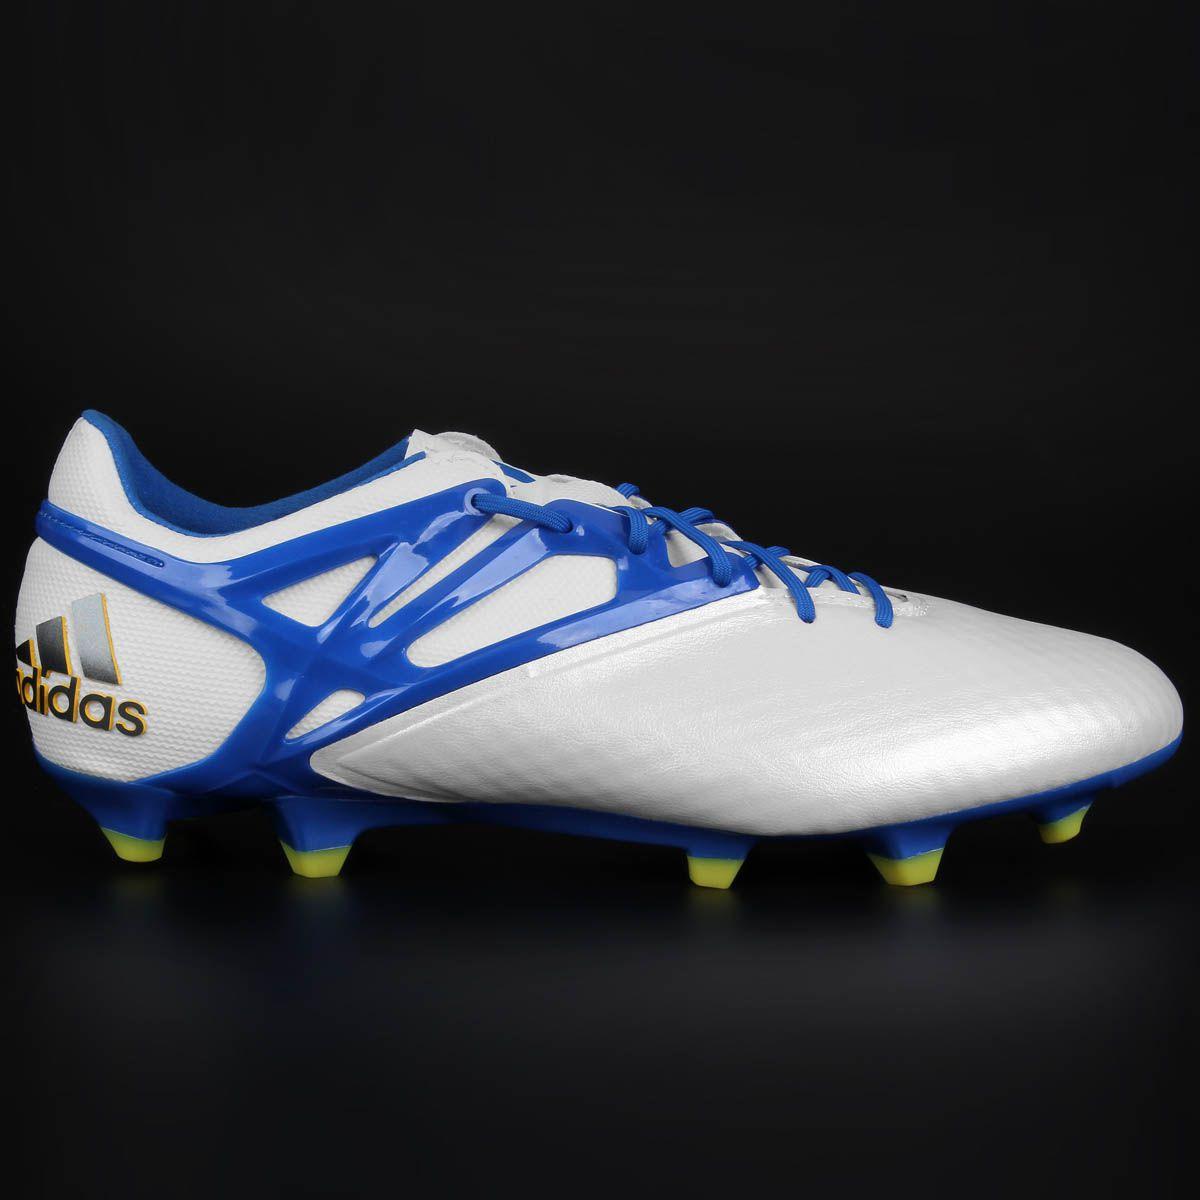 Chuteira Adidas Messi 15.1 FG AG Profissional - Stigli ea5555e6425f7